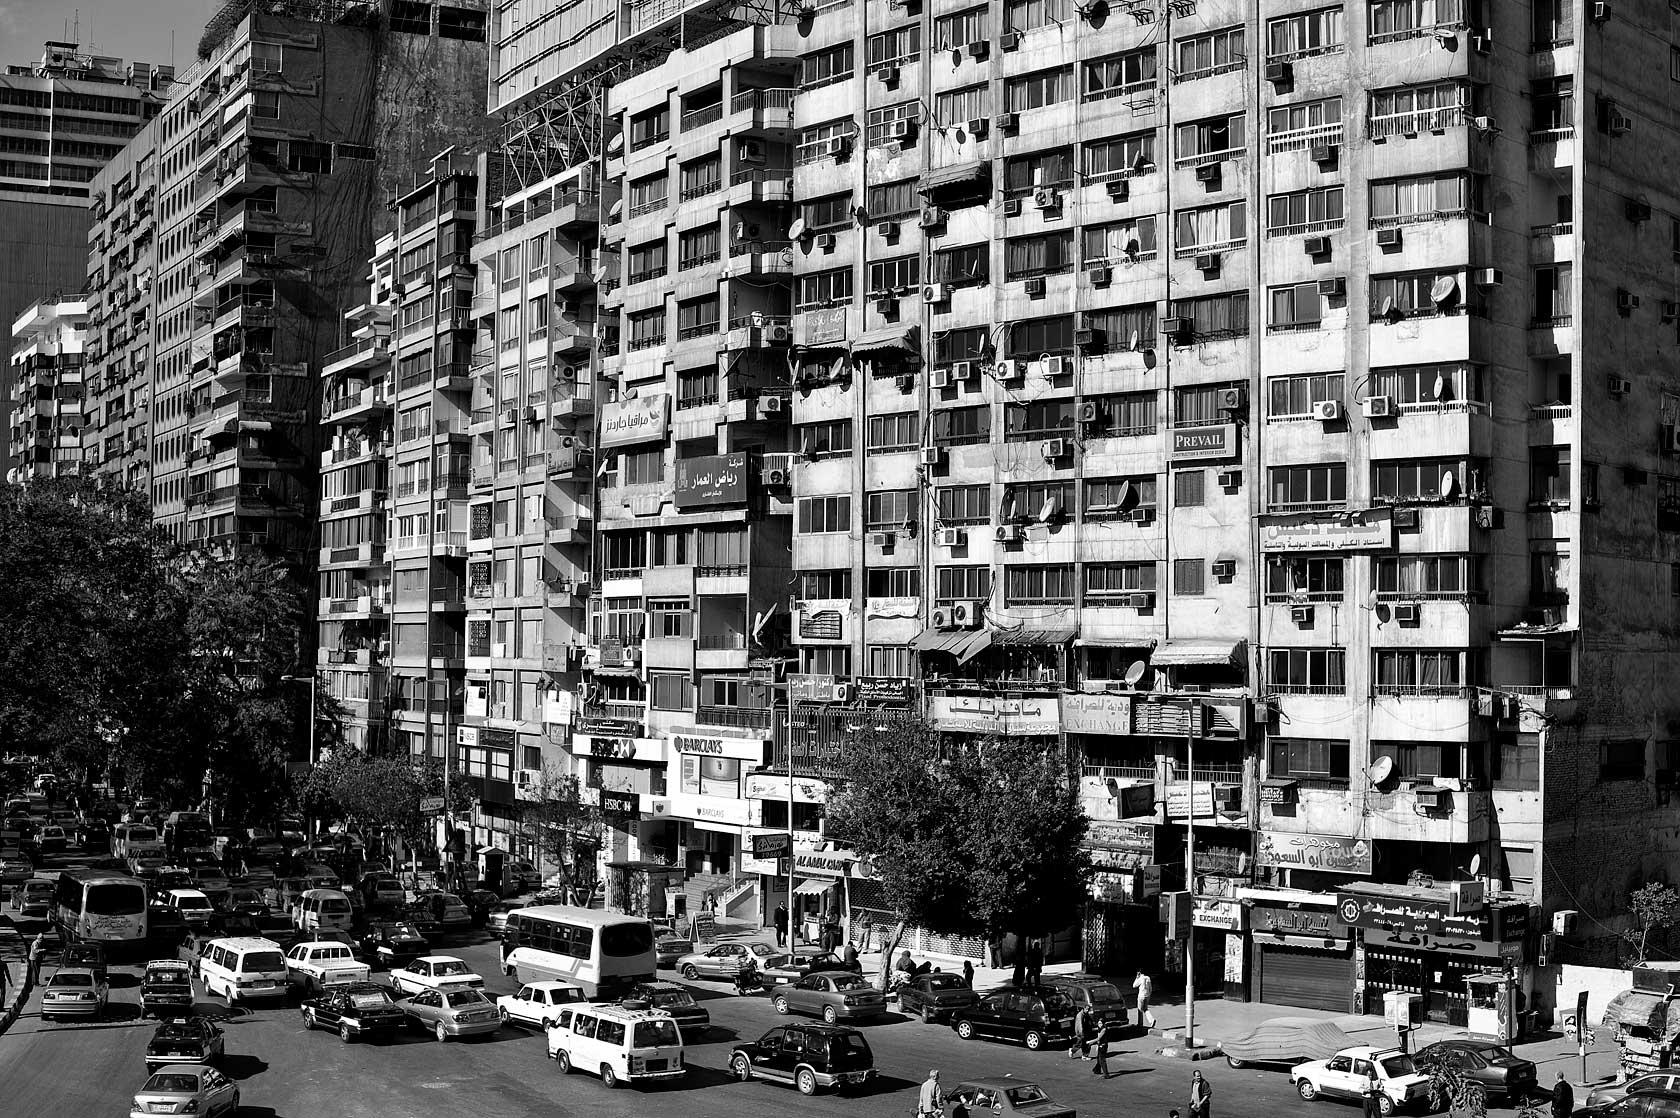 090100_DSC1407-Cairo-city-scene.jpg